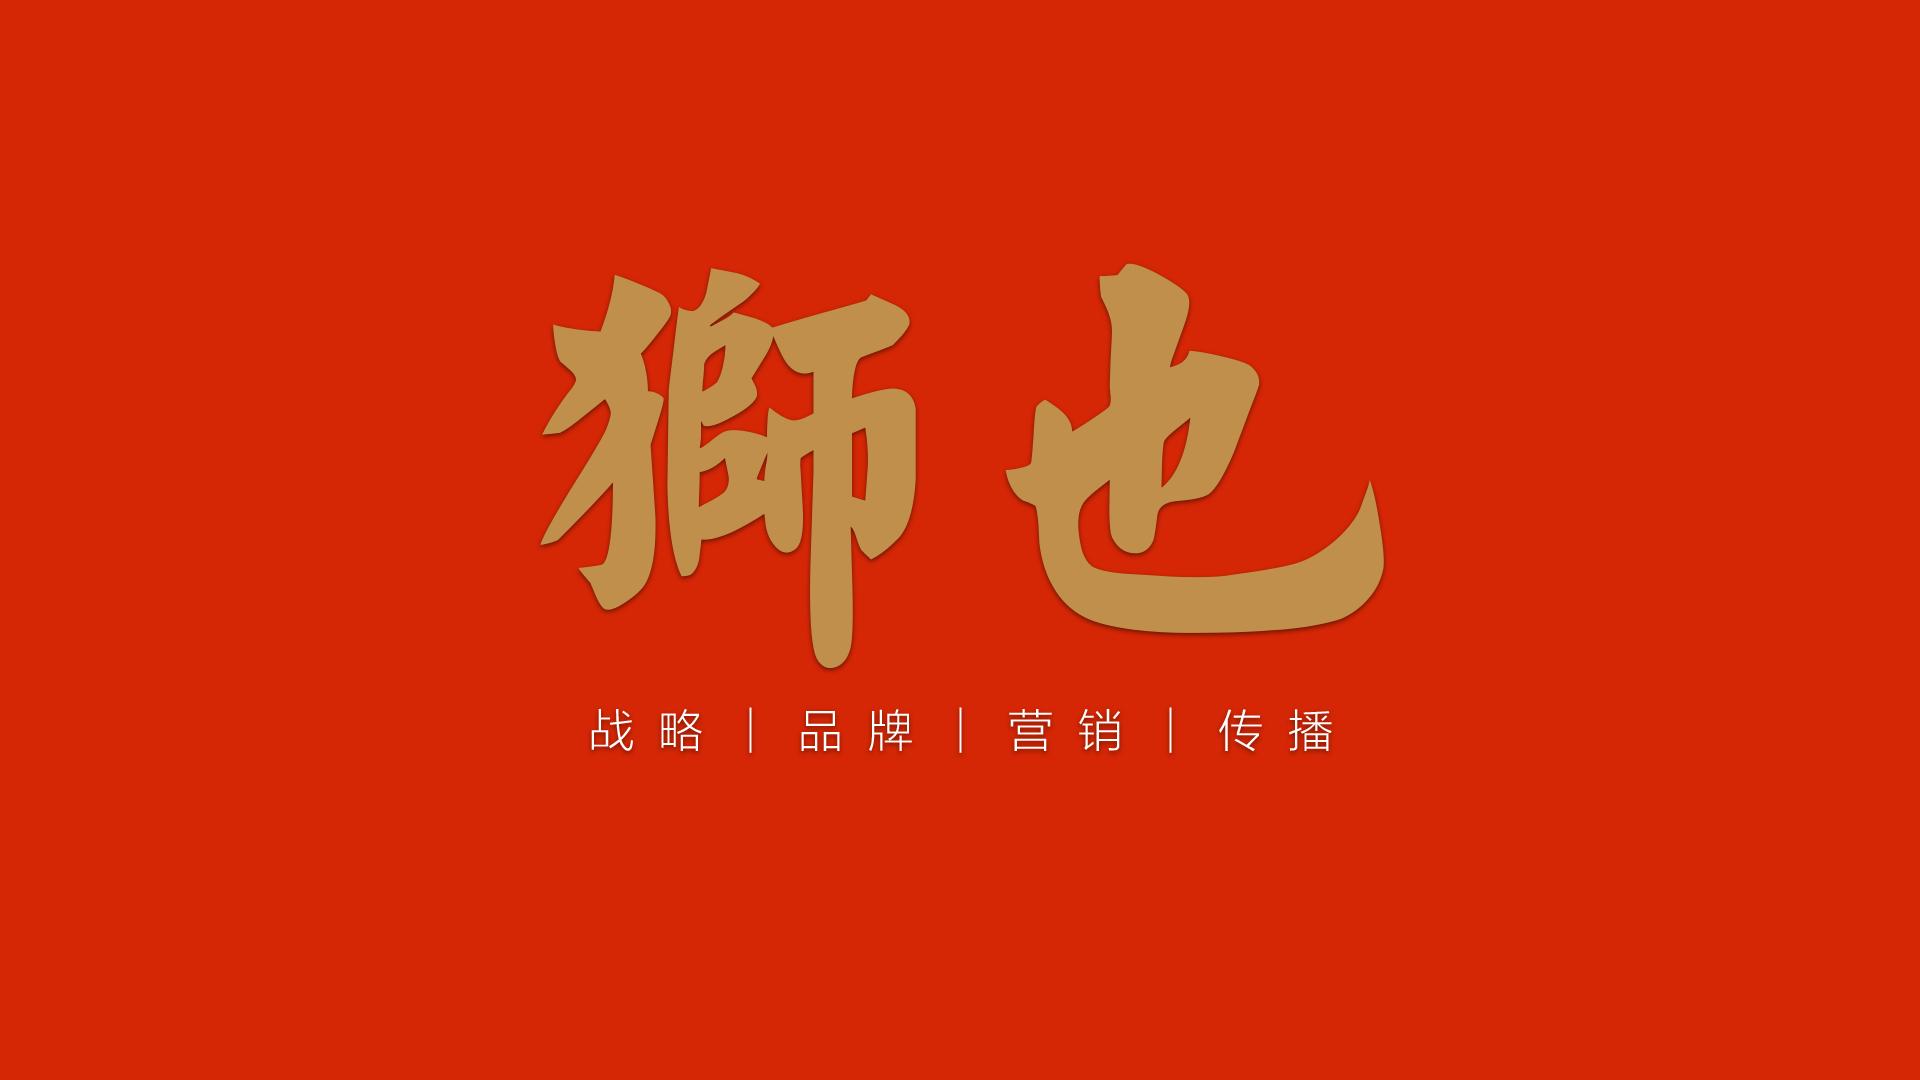 关系营销理论的正确认识—山东济南狮也战略品牌营销策策划咨询顾问公司